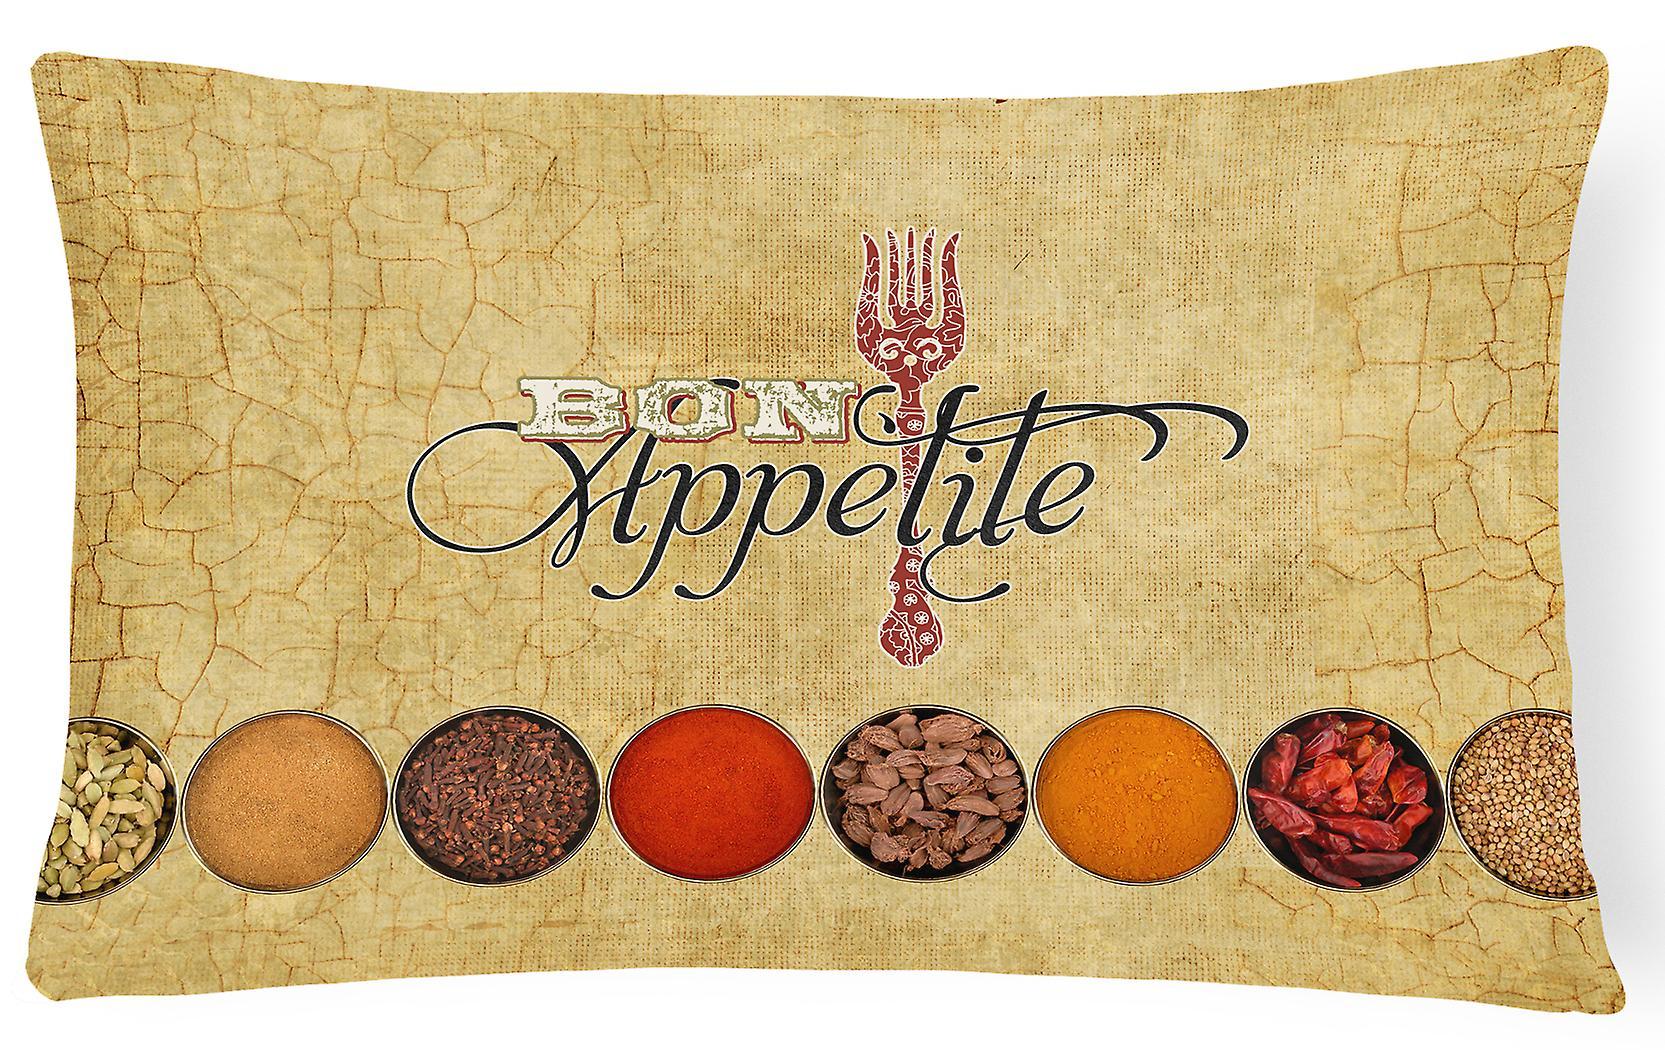 Appétit Tissu Décoratif Bon Toile Épices Oreiller Et m8wN0Ovn